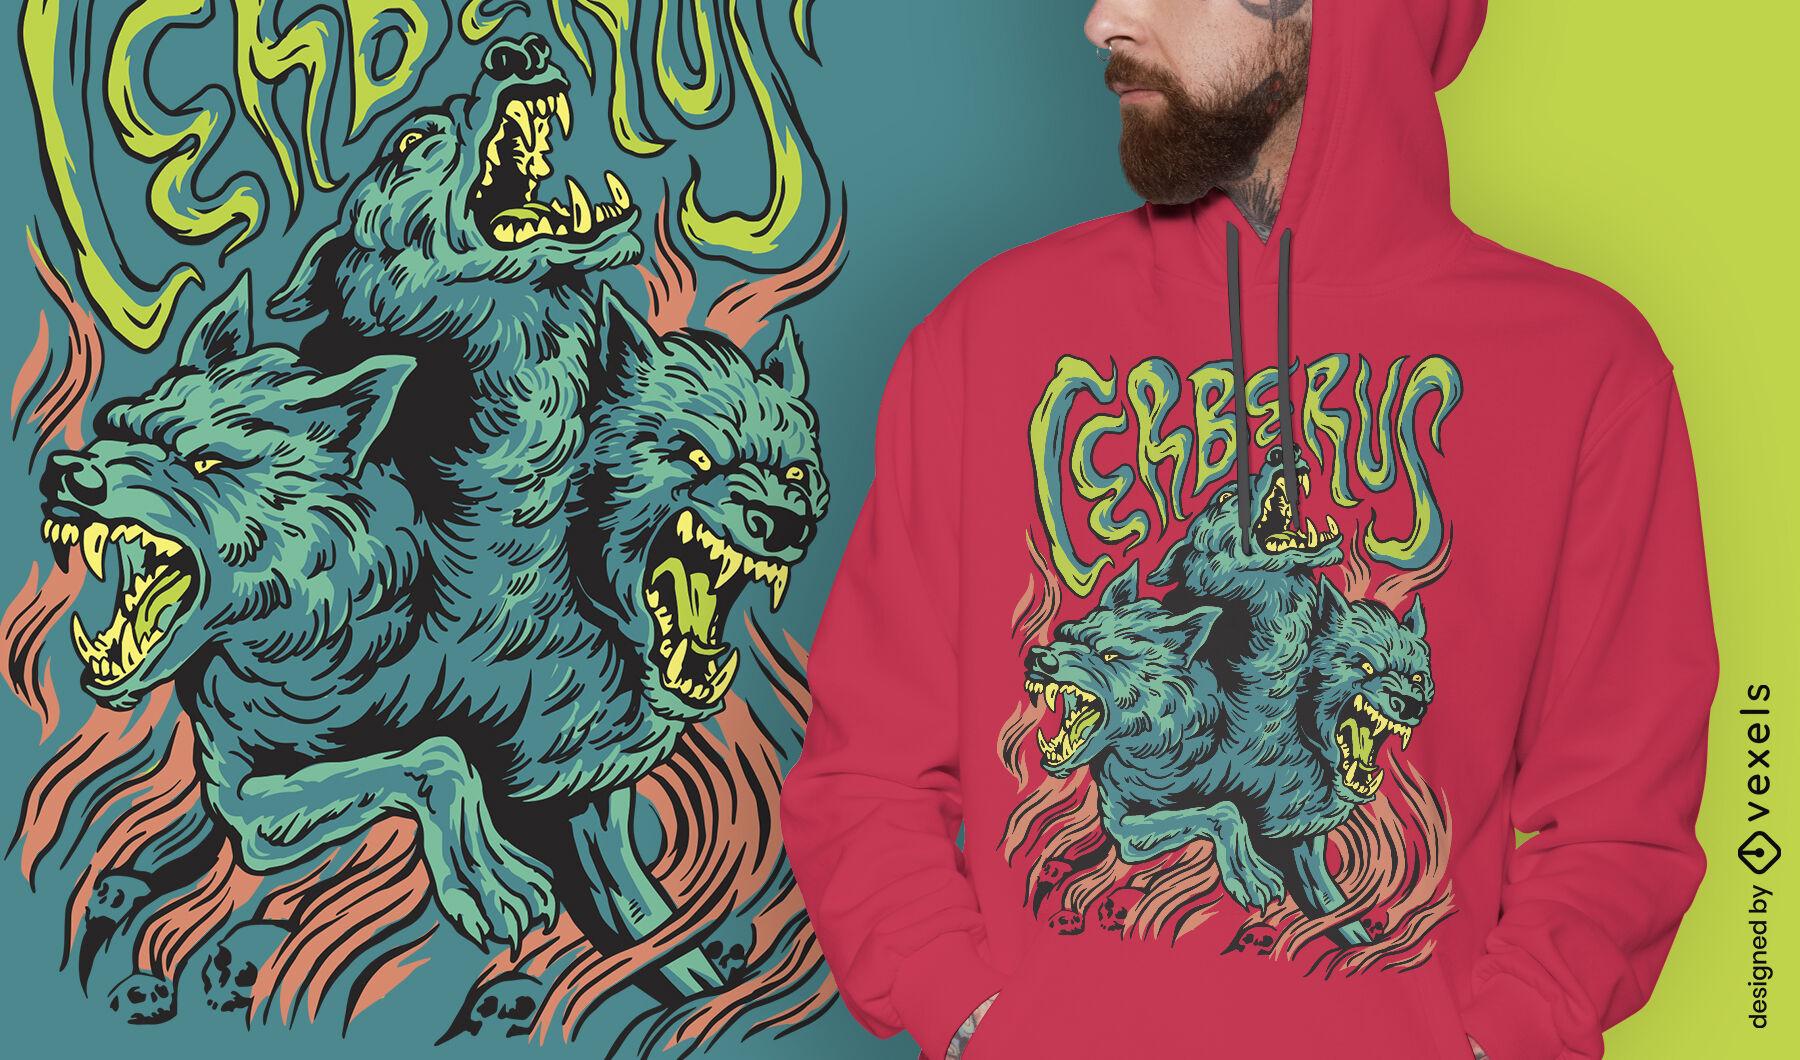 Diseño de camiseta de grecia mítica del monstruo de Cerberus